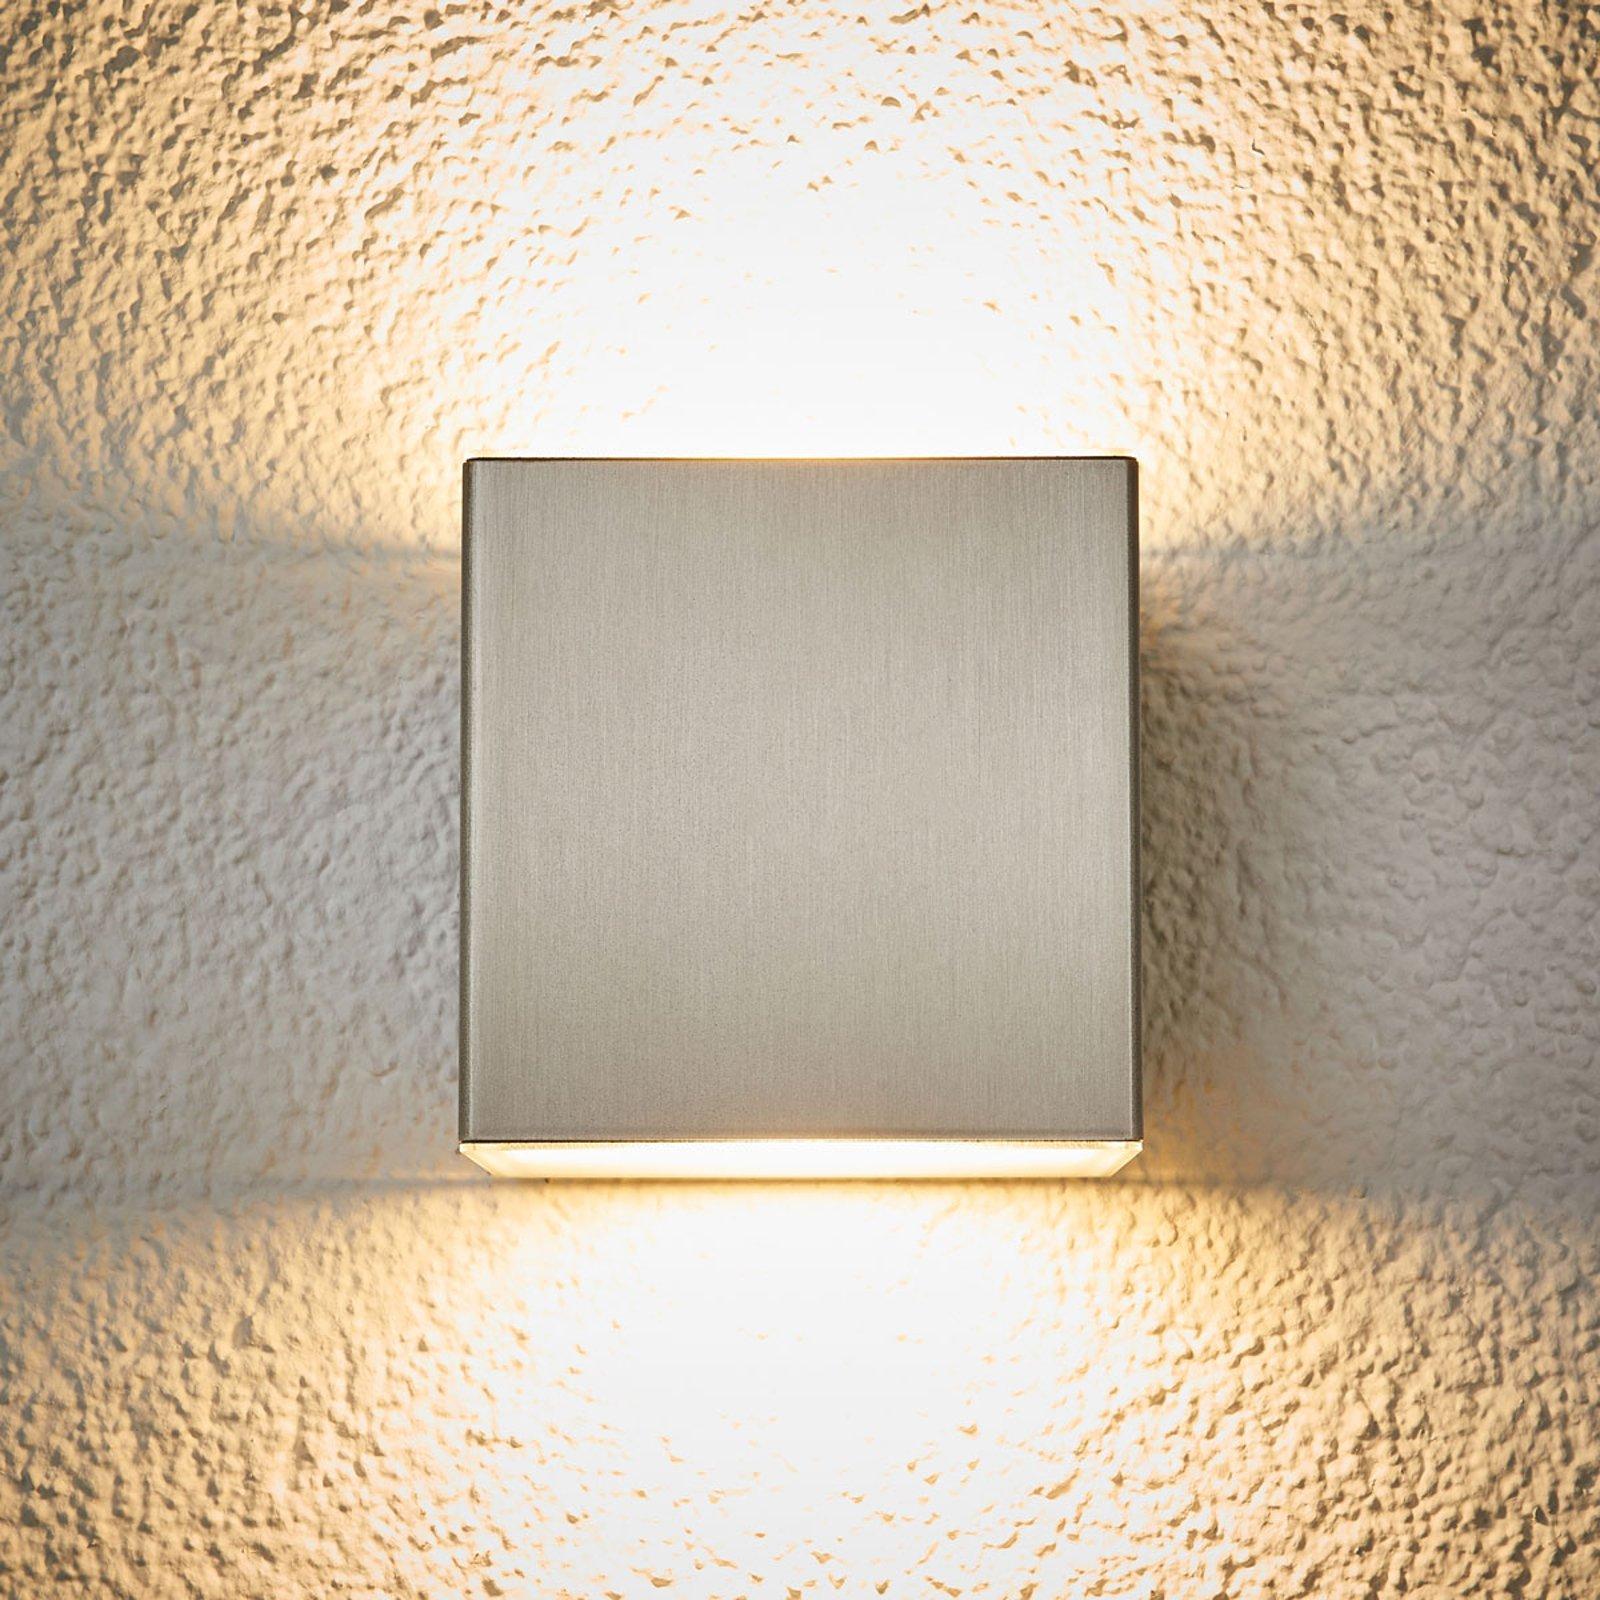 LED-utendørs vegglampe Jana av stål 10 x 10 cm